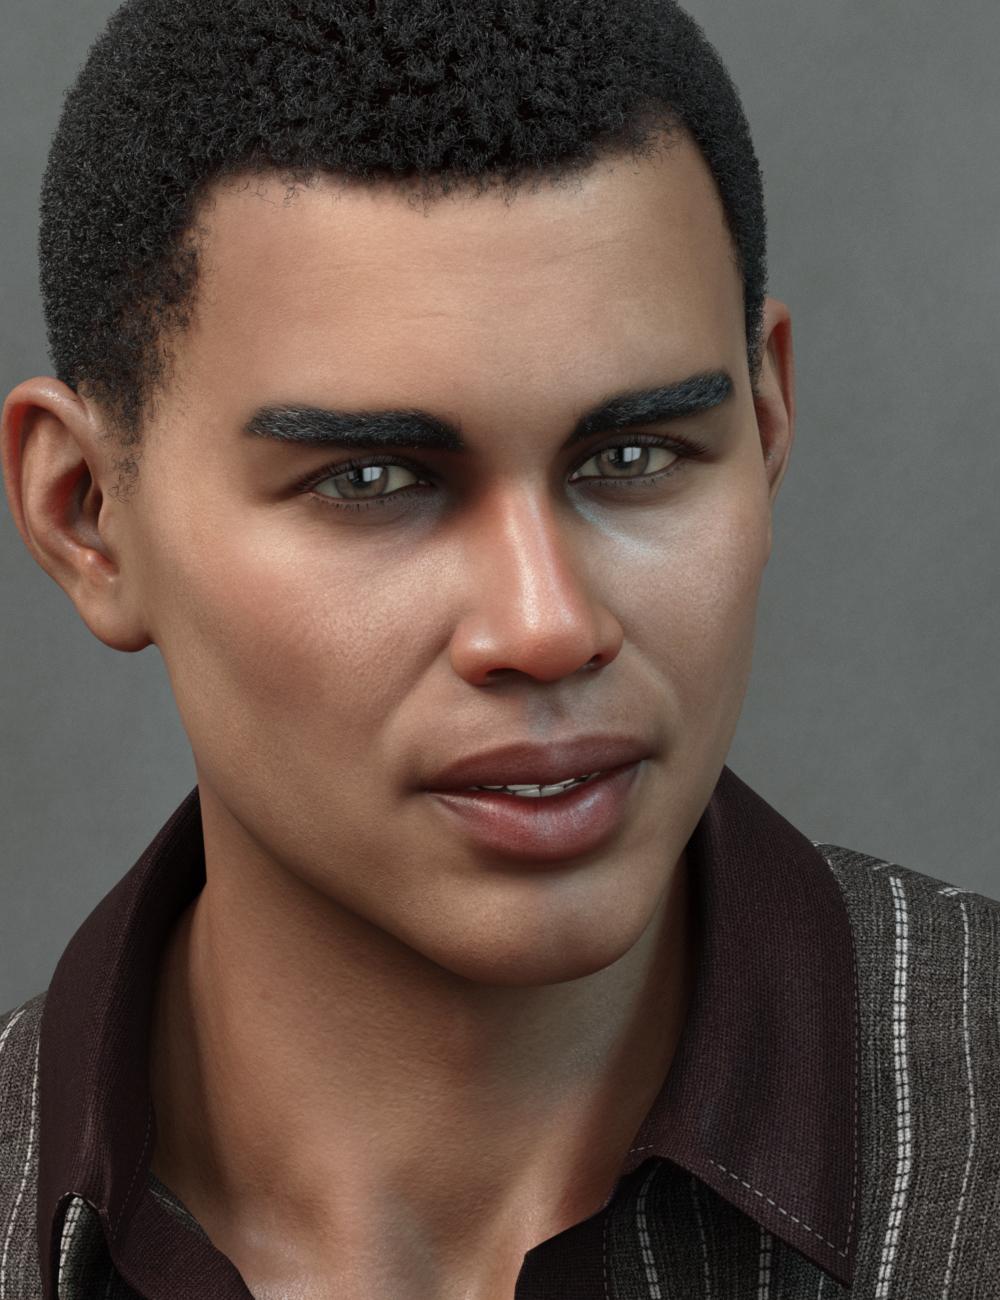 Bryson HD for Genesis 8.1 Male by: Emrys, 3D Models by Daz 3D